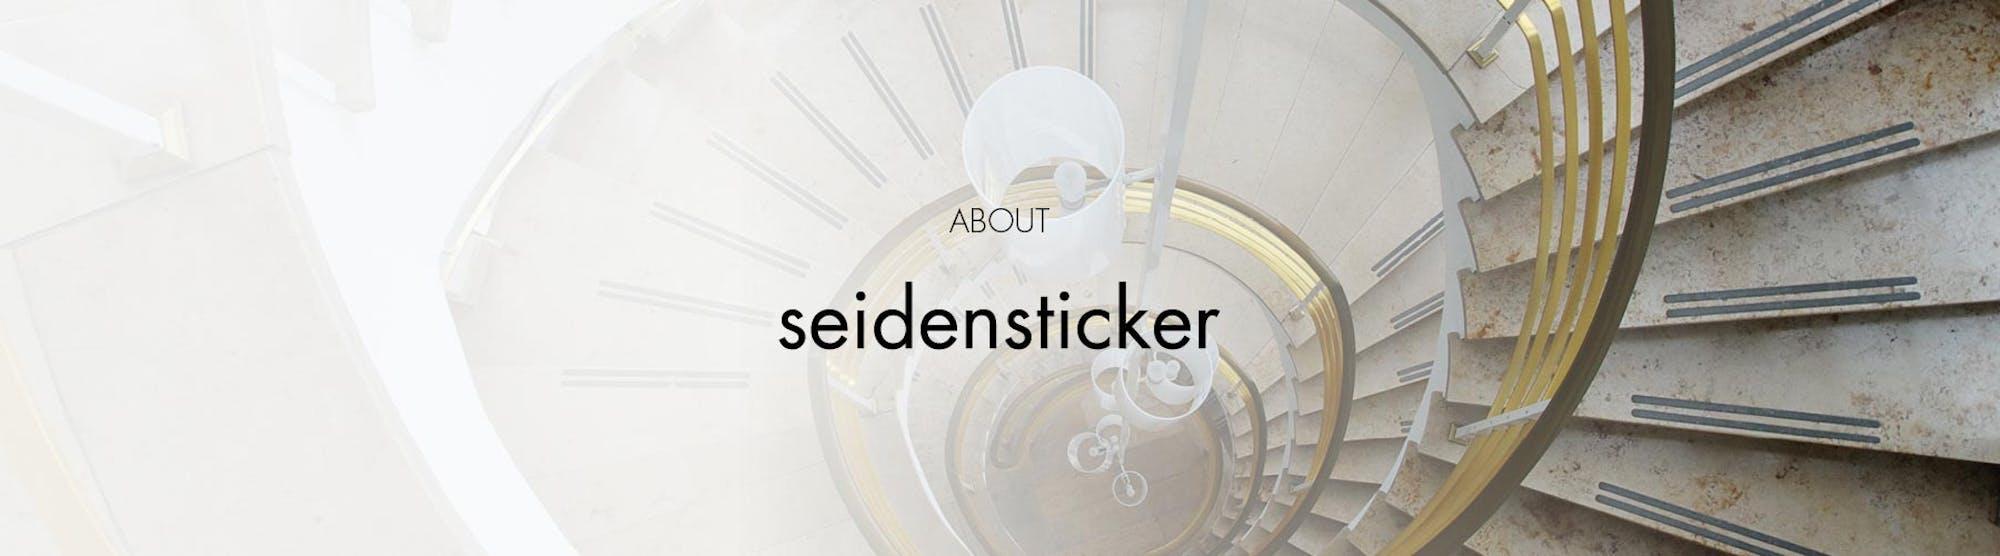 About Seidensticker